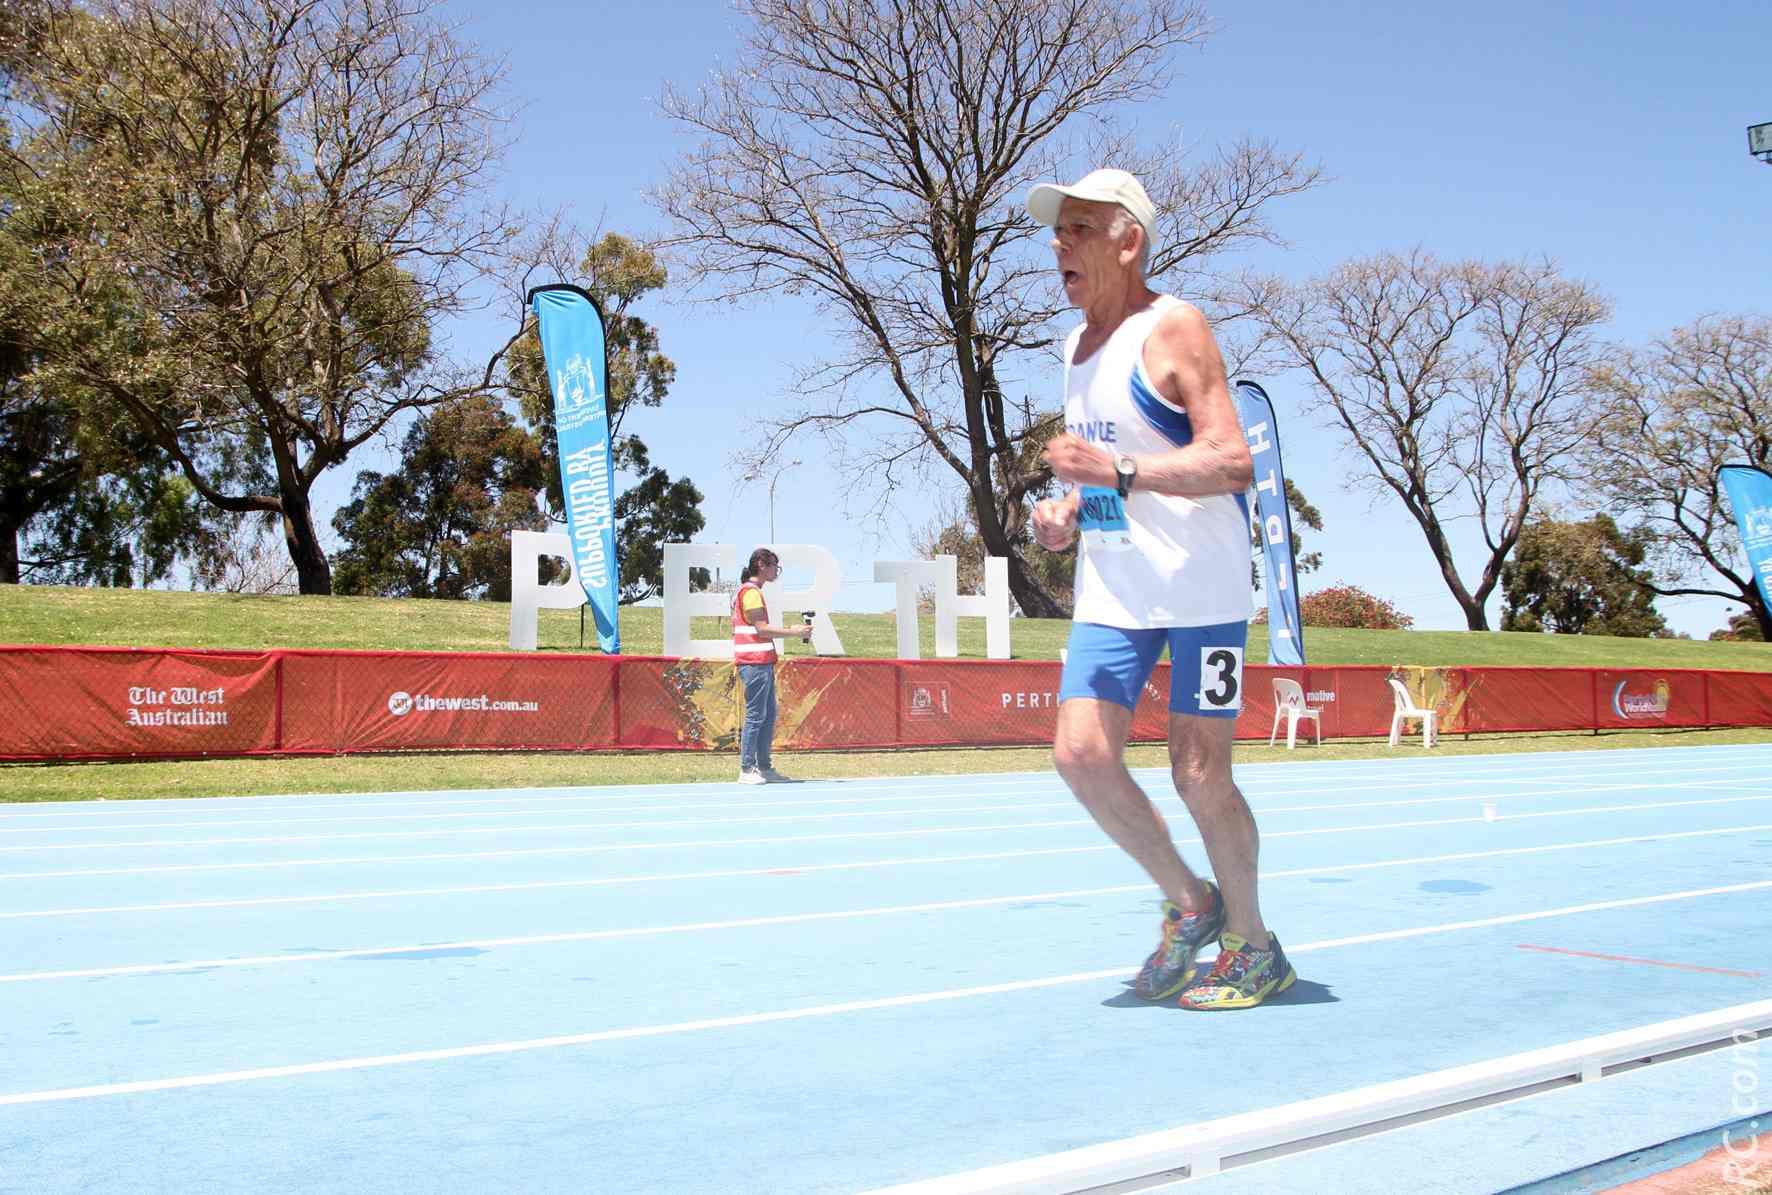 Christian est en train de remporter le 10 000m sur le stade de Ern, sous un soleil de plomb.